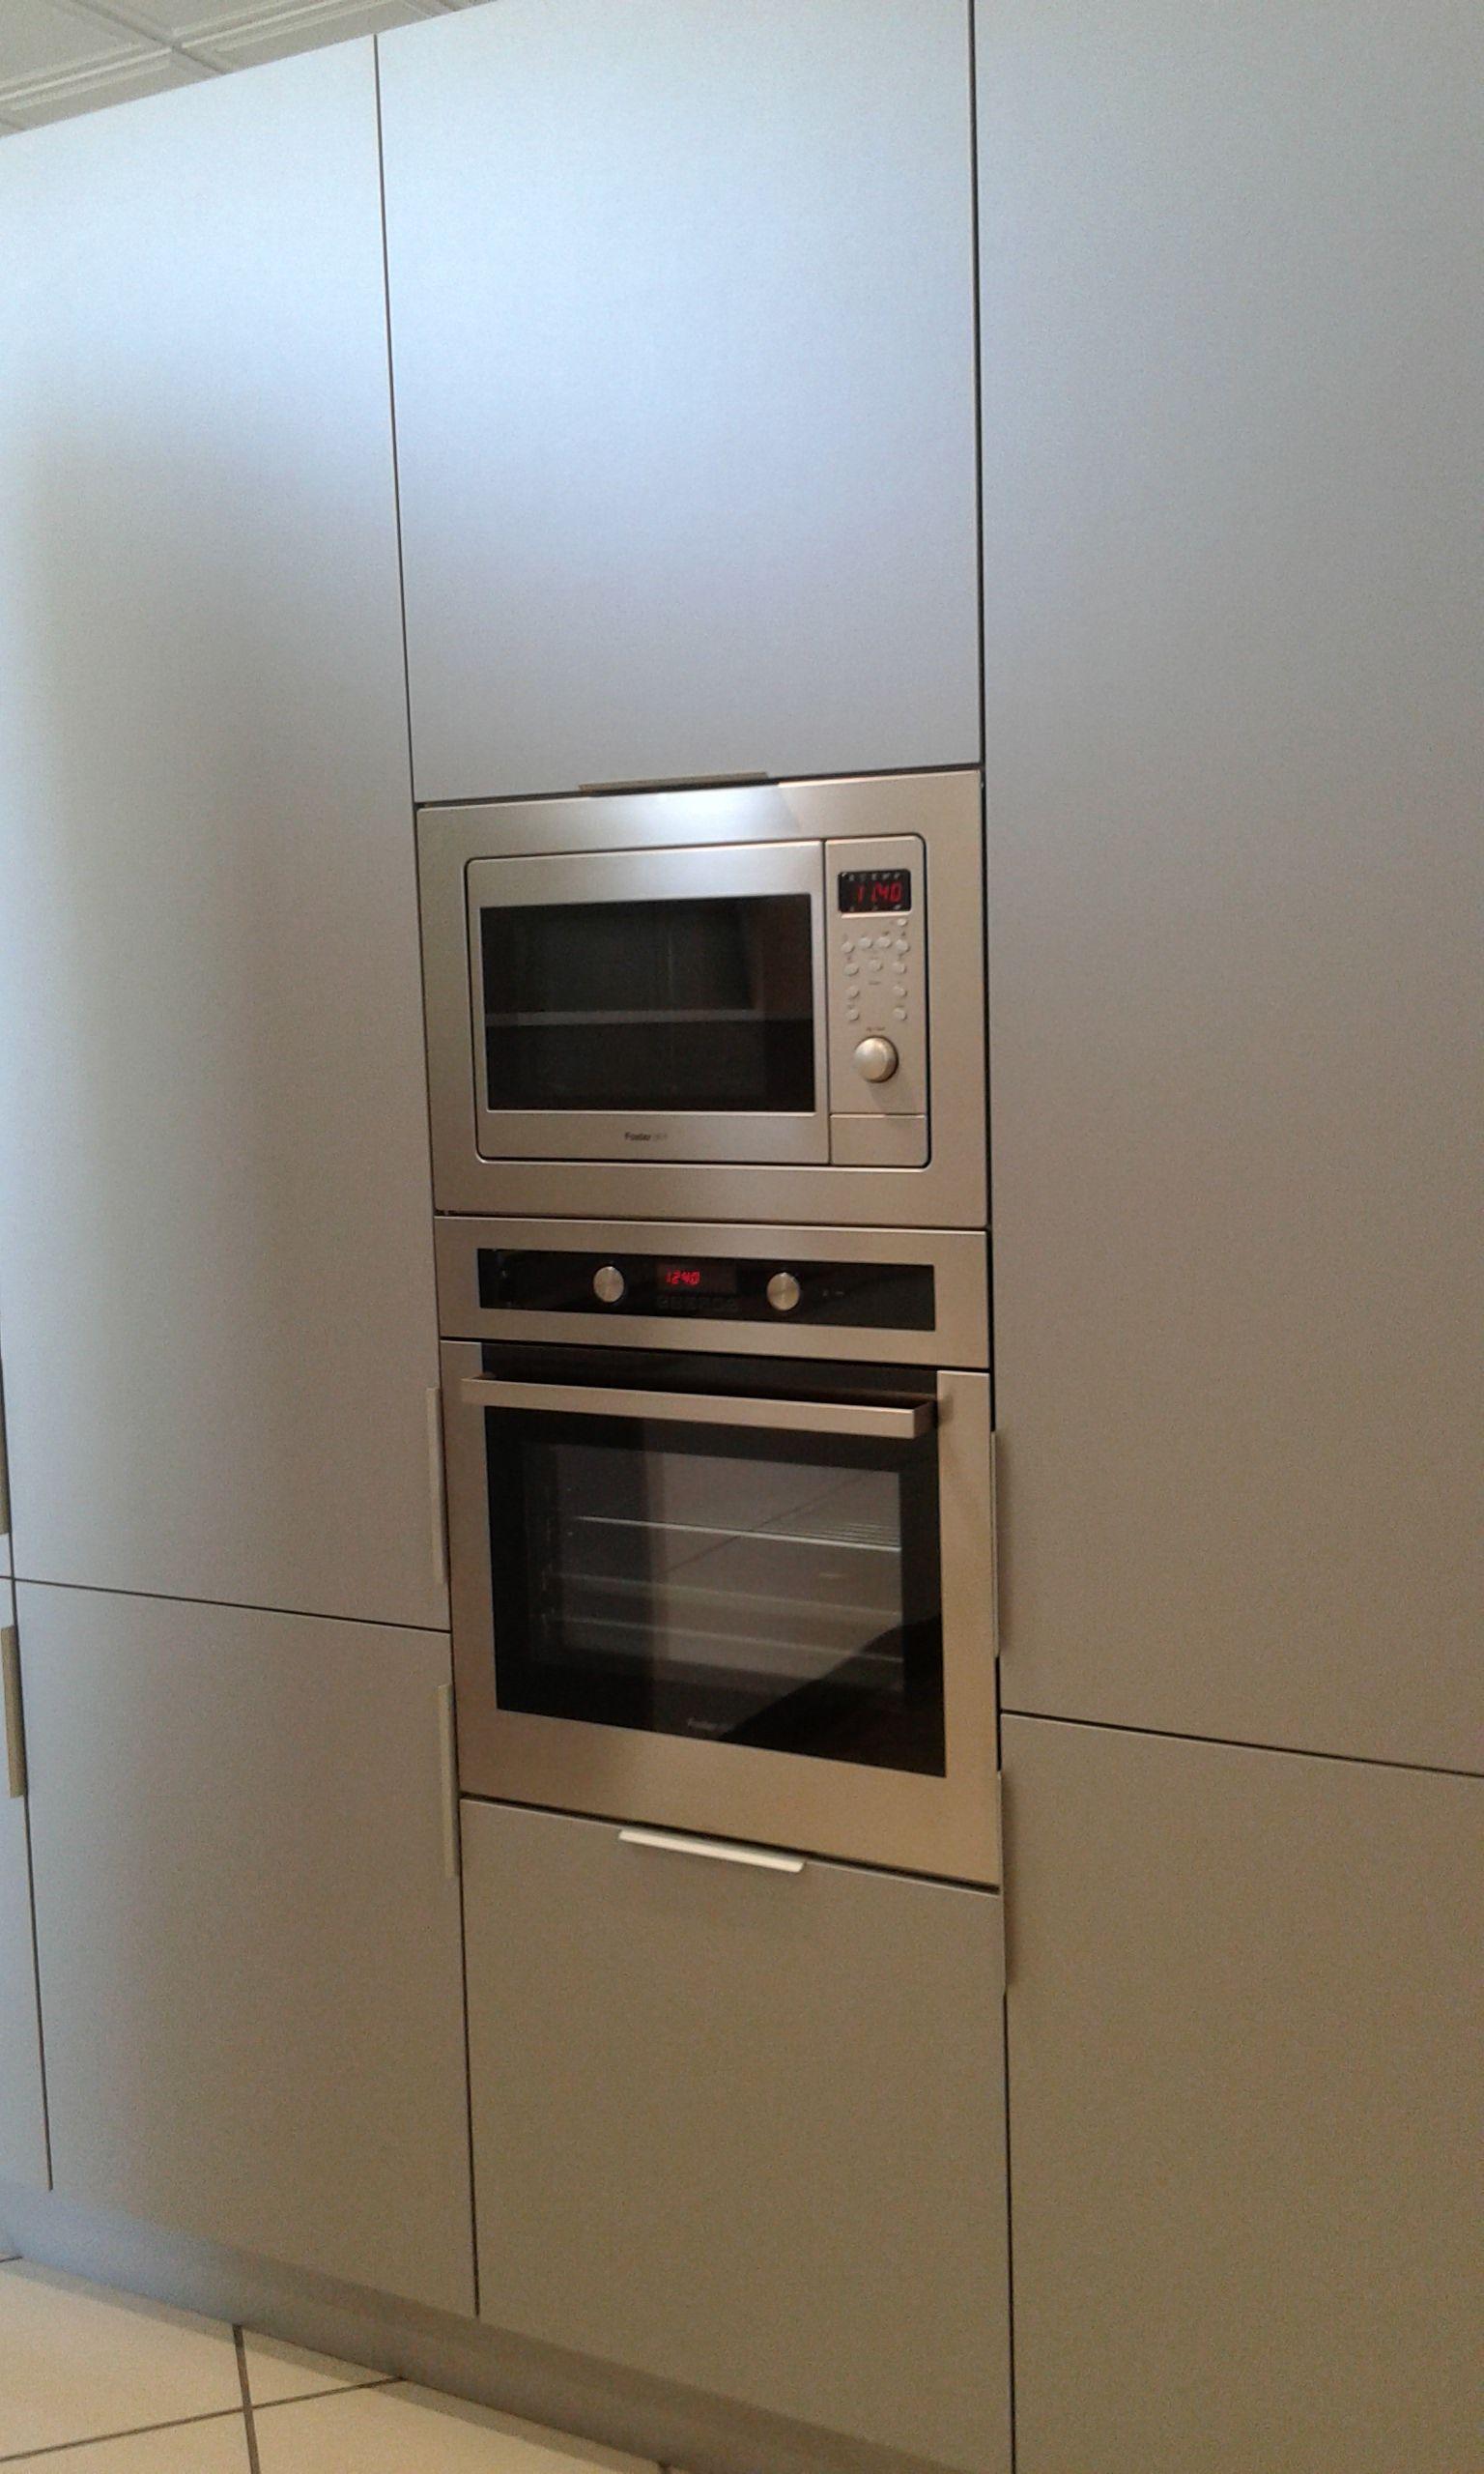 Pin de Yamelis en Cocinas y estilos | Cocinas, Muebles de cocina y ...